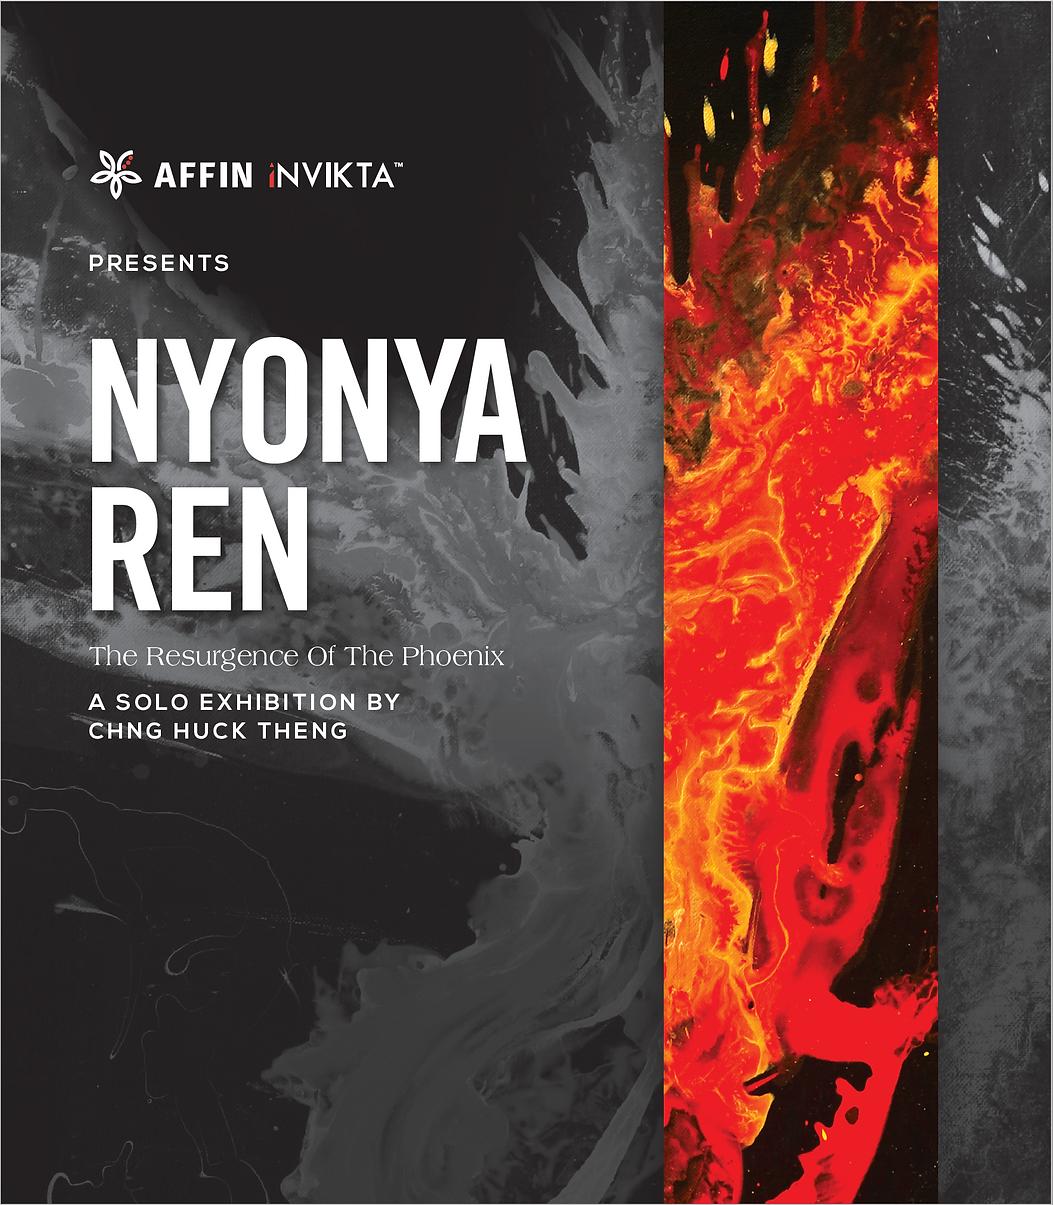 Nyonya Ren - The Resurgence of The Phoenix